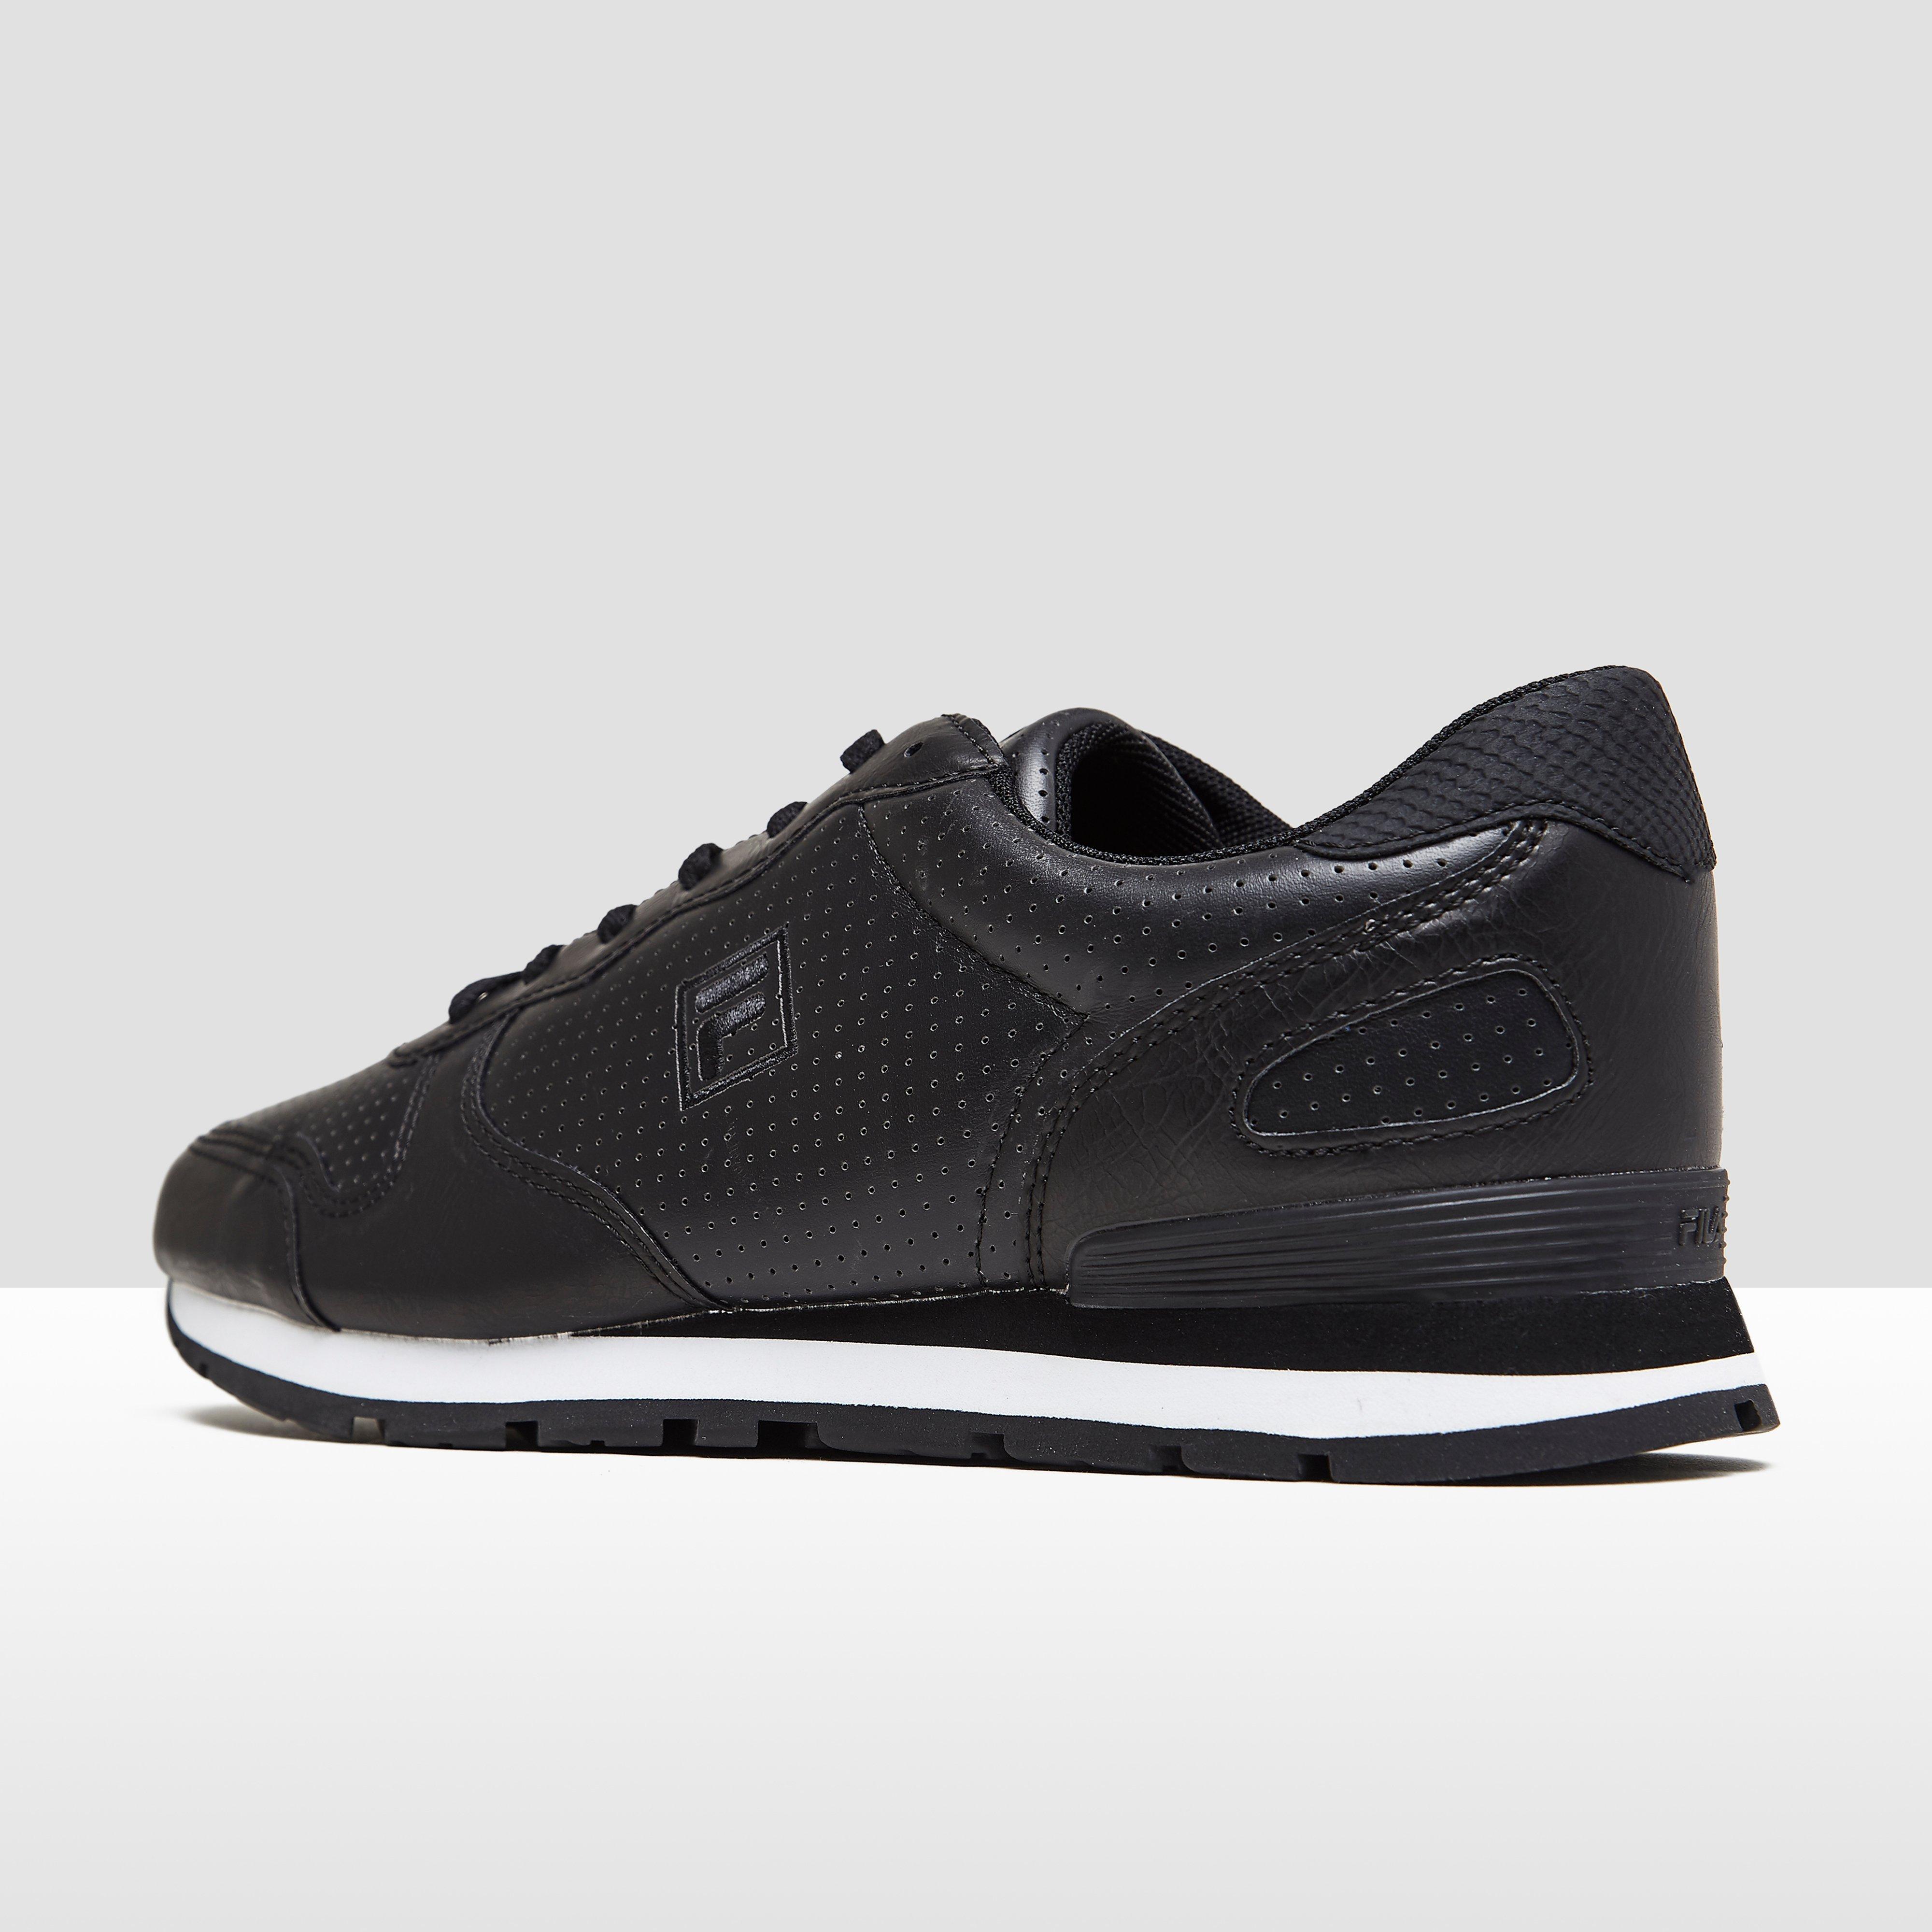 Chaussures Fila Pour Les Hommes woyLLXR9q